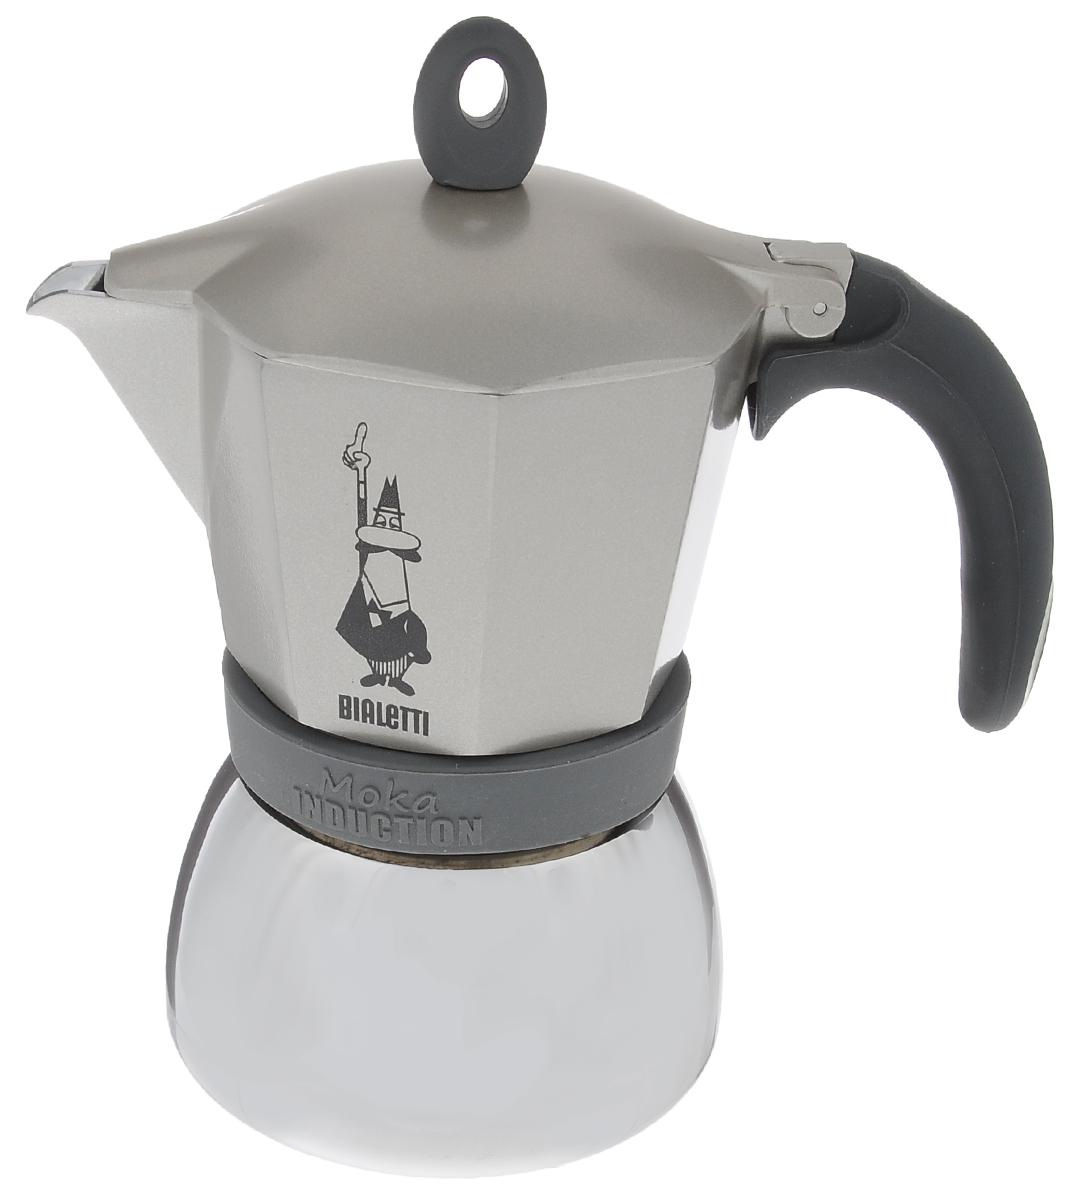 Кофеварка гейзерная Bialetti Moka Induction, цвет: серый, на 6 чашек4833Компактная гейзерная кофеварка Bialetti Moka Induction изготовлена из высококачественного алюминия и стали. Объема кофе хватает на 6 чашек. Изделие оснащено удобной обрезиненной ручкой.Принцип работы такой гейзерной кофеварки - кофе заваривается путем многократного прохождения горячей воды или пара через слой молотого кофе. Удобство кофеварки в том, что вся кофейная гуща остается во внутренней емкости. Гейзерные кофеварки пользуются большой популярностью благодаря изысканному аромату. Кофе получается крепкий и насыщенный. Теперь и дома вы сможете насладиться великолепным эспрессо. Подходит для газовых, электрических, стеклокерамических и индукционных плит. Нельзя мыть в посудомоечной машине. Высота (с учетом крышки): 20 см.